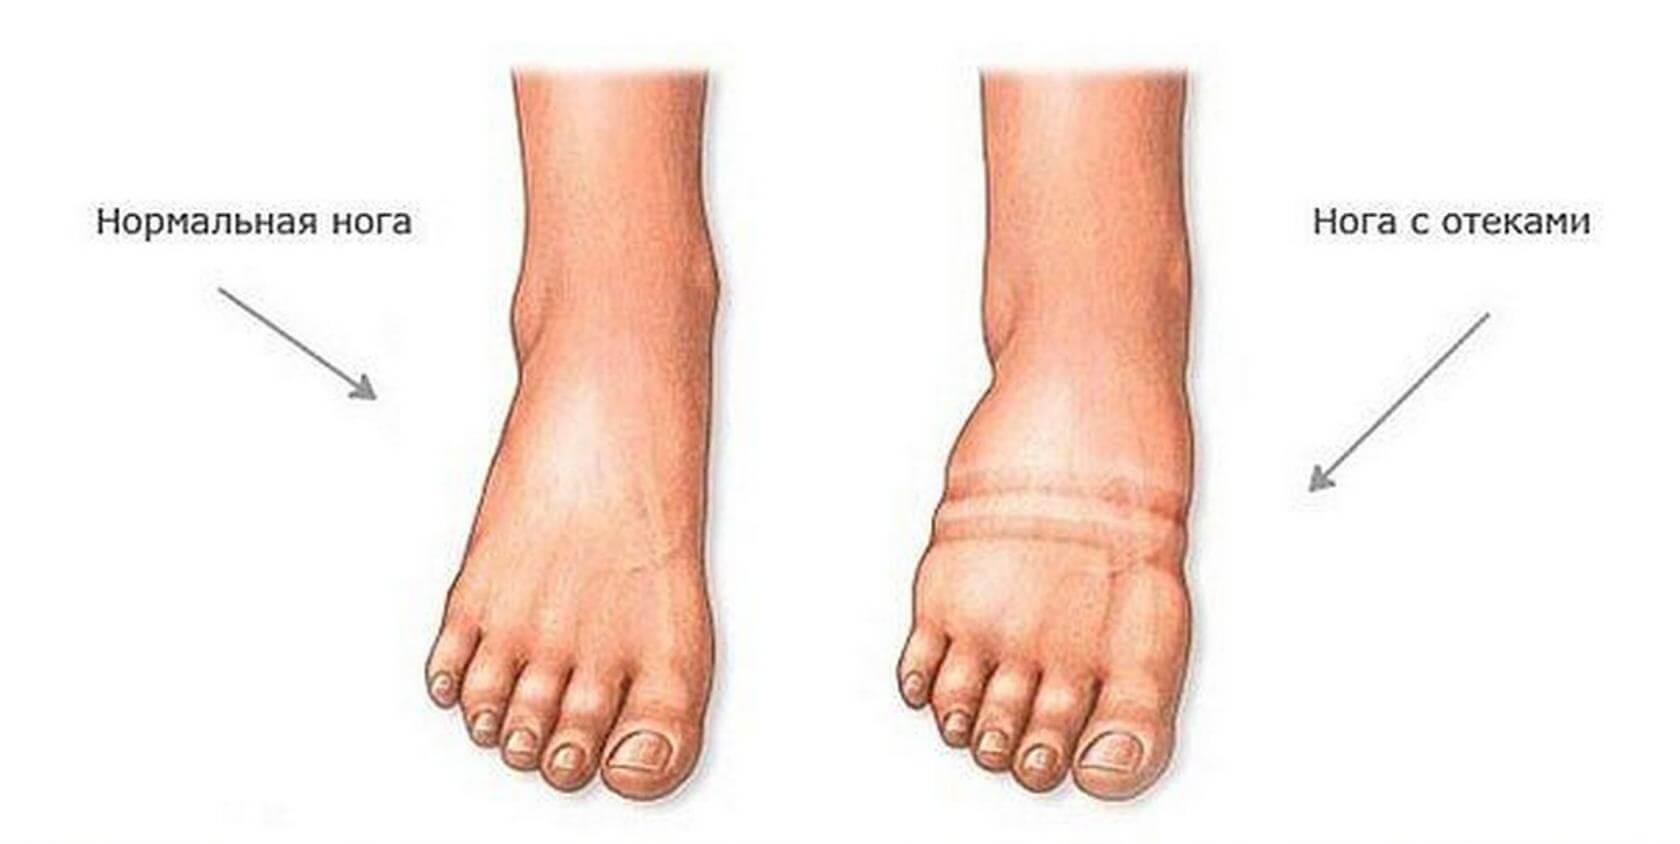 С чем связано отекание ног